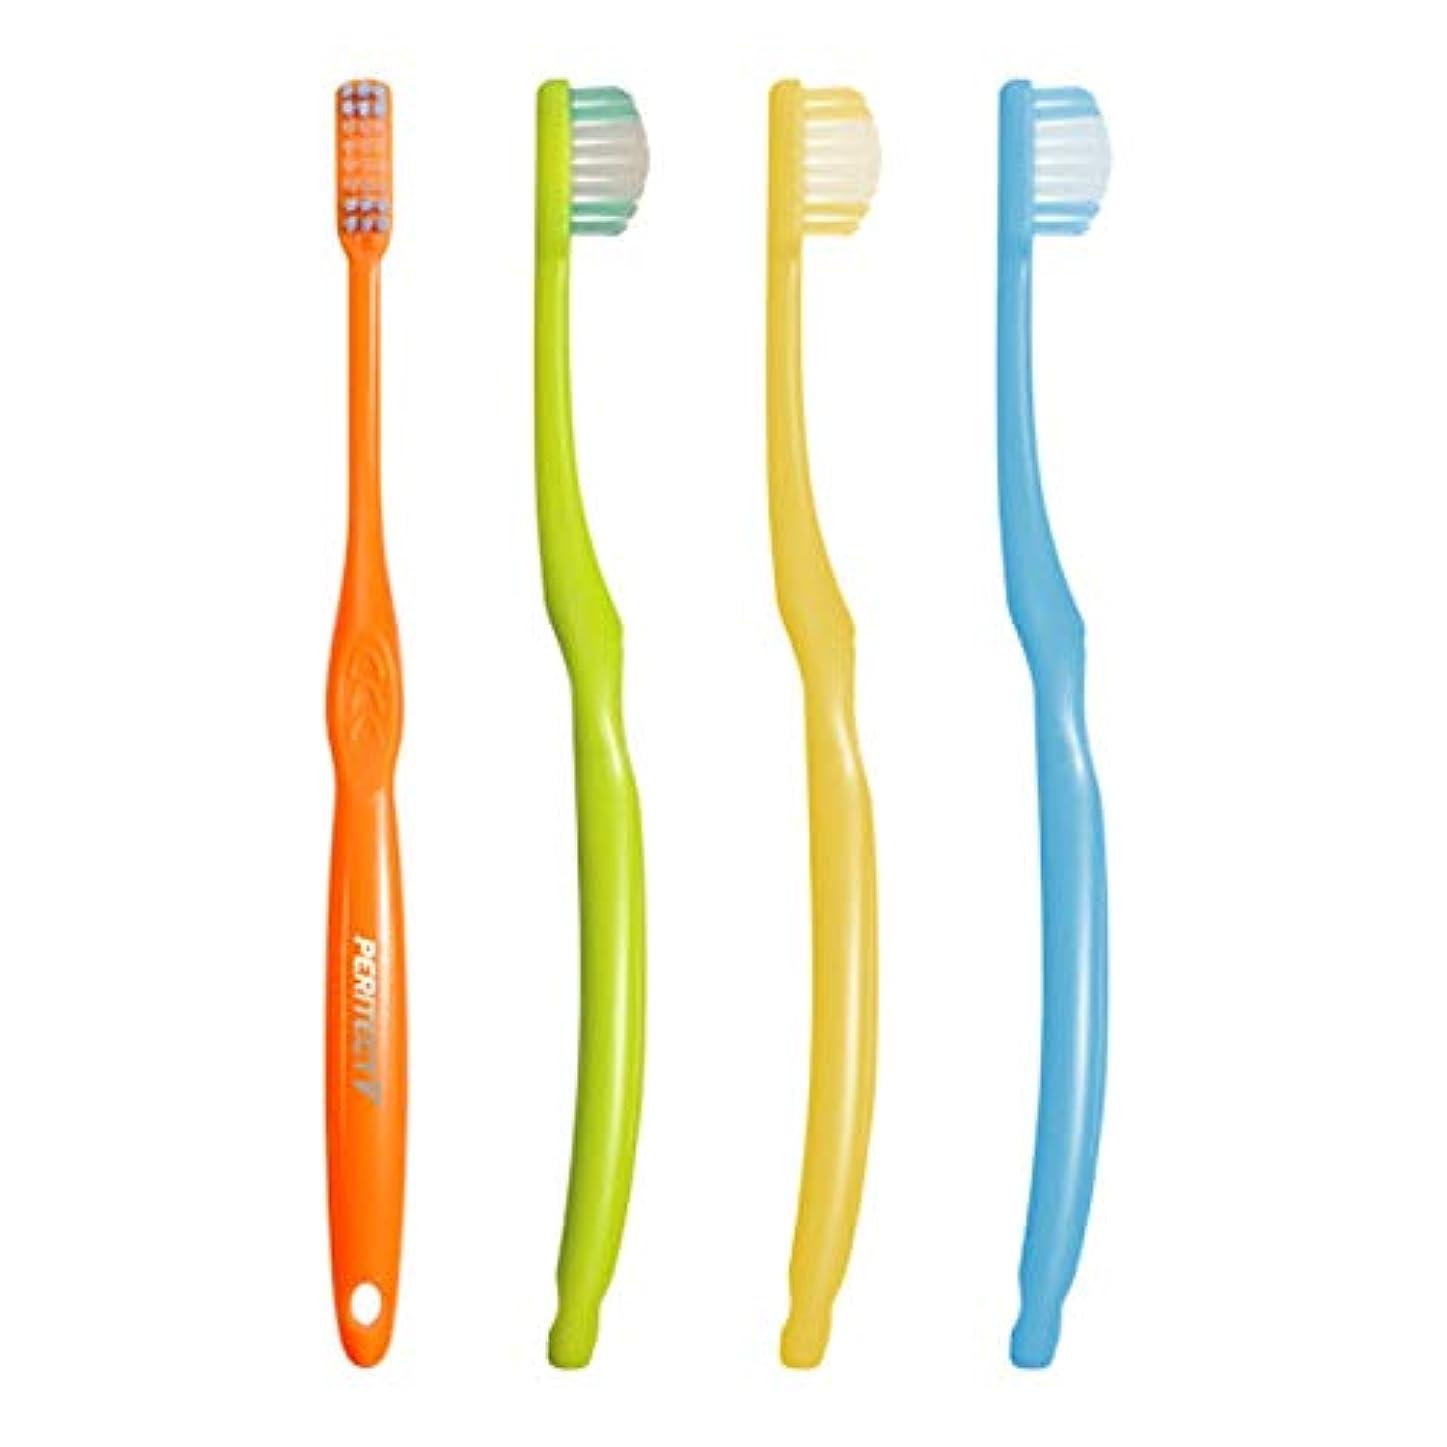 シード良心グリースビーブランド PERITECT V ペリテクト ブイ 歯ブラシ (6M やわらかめ) × 5本 歯科専売品